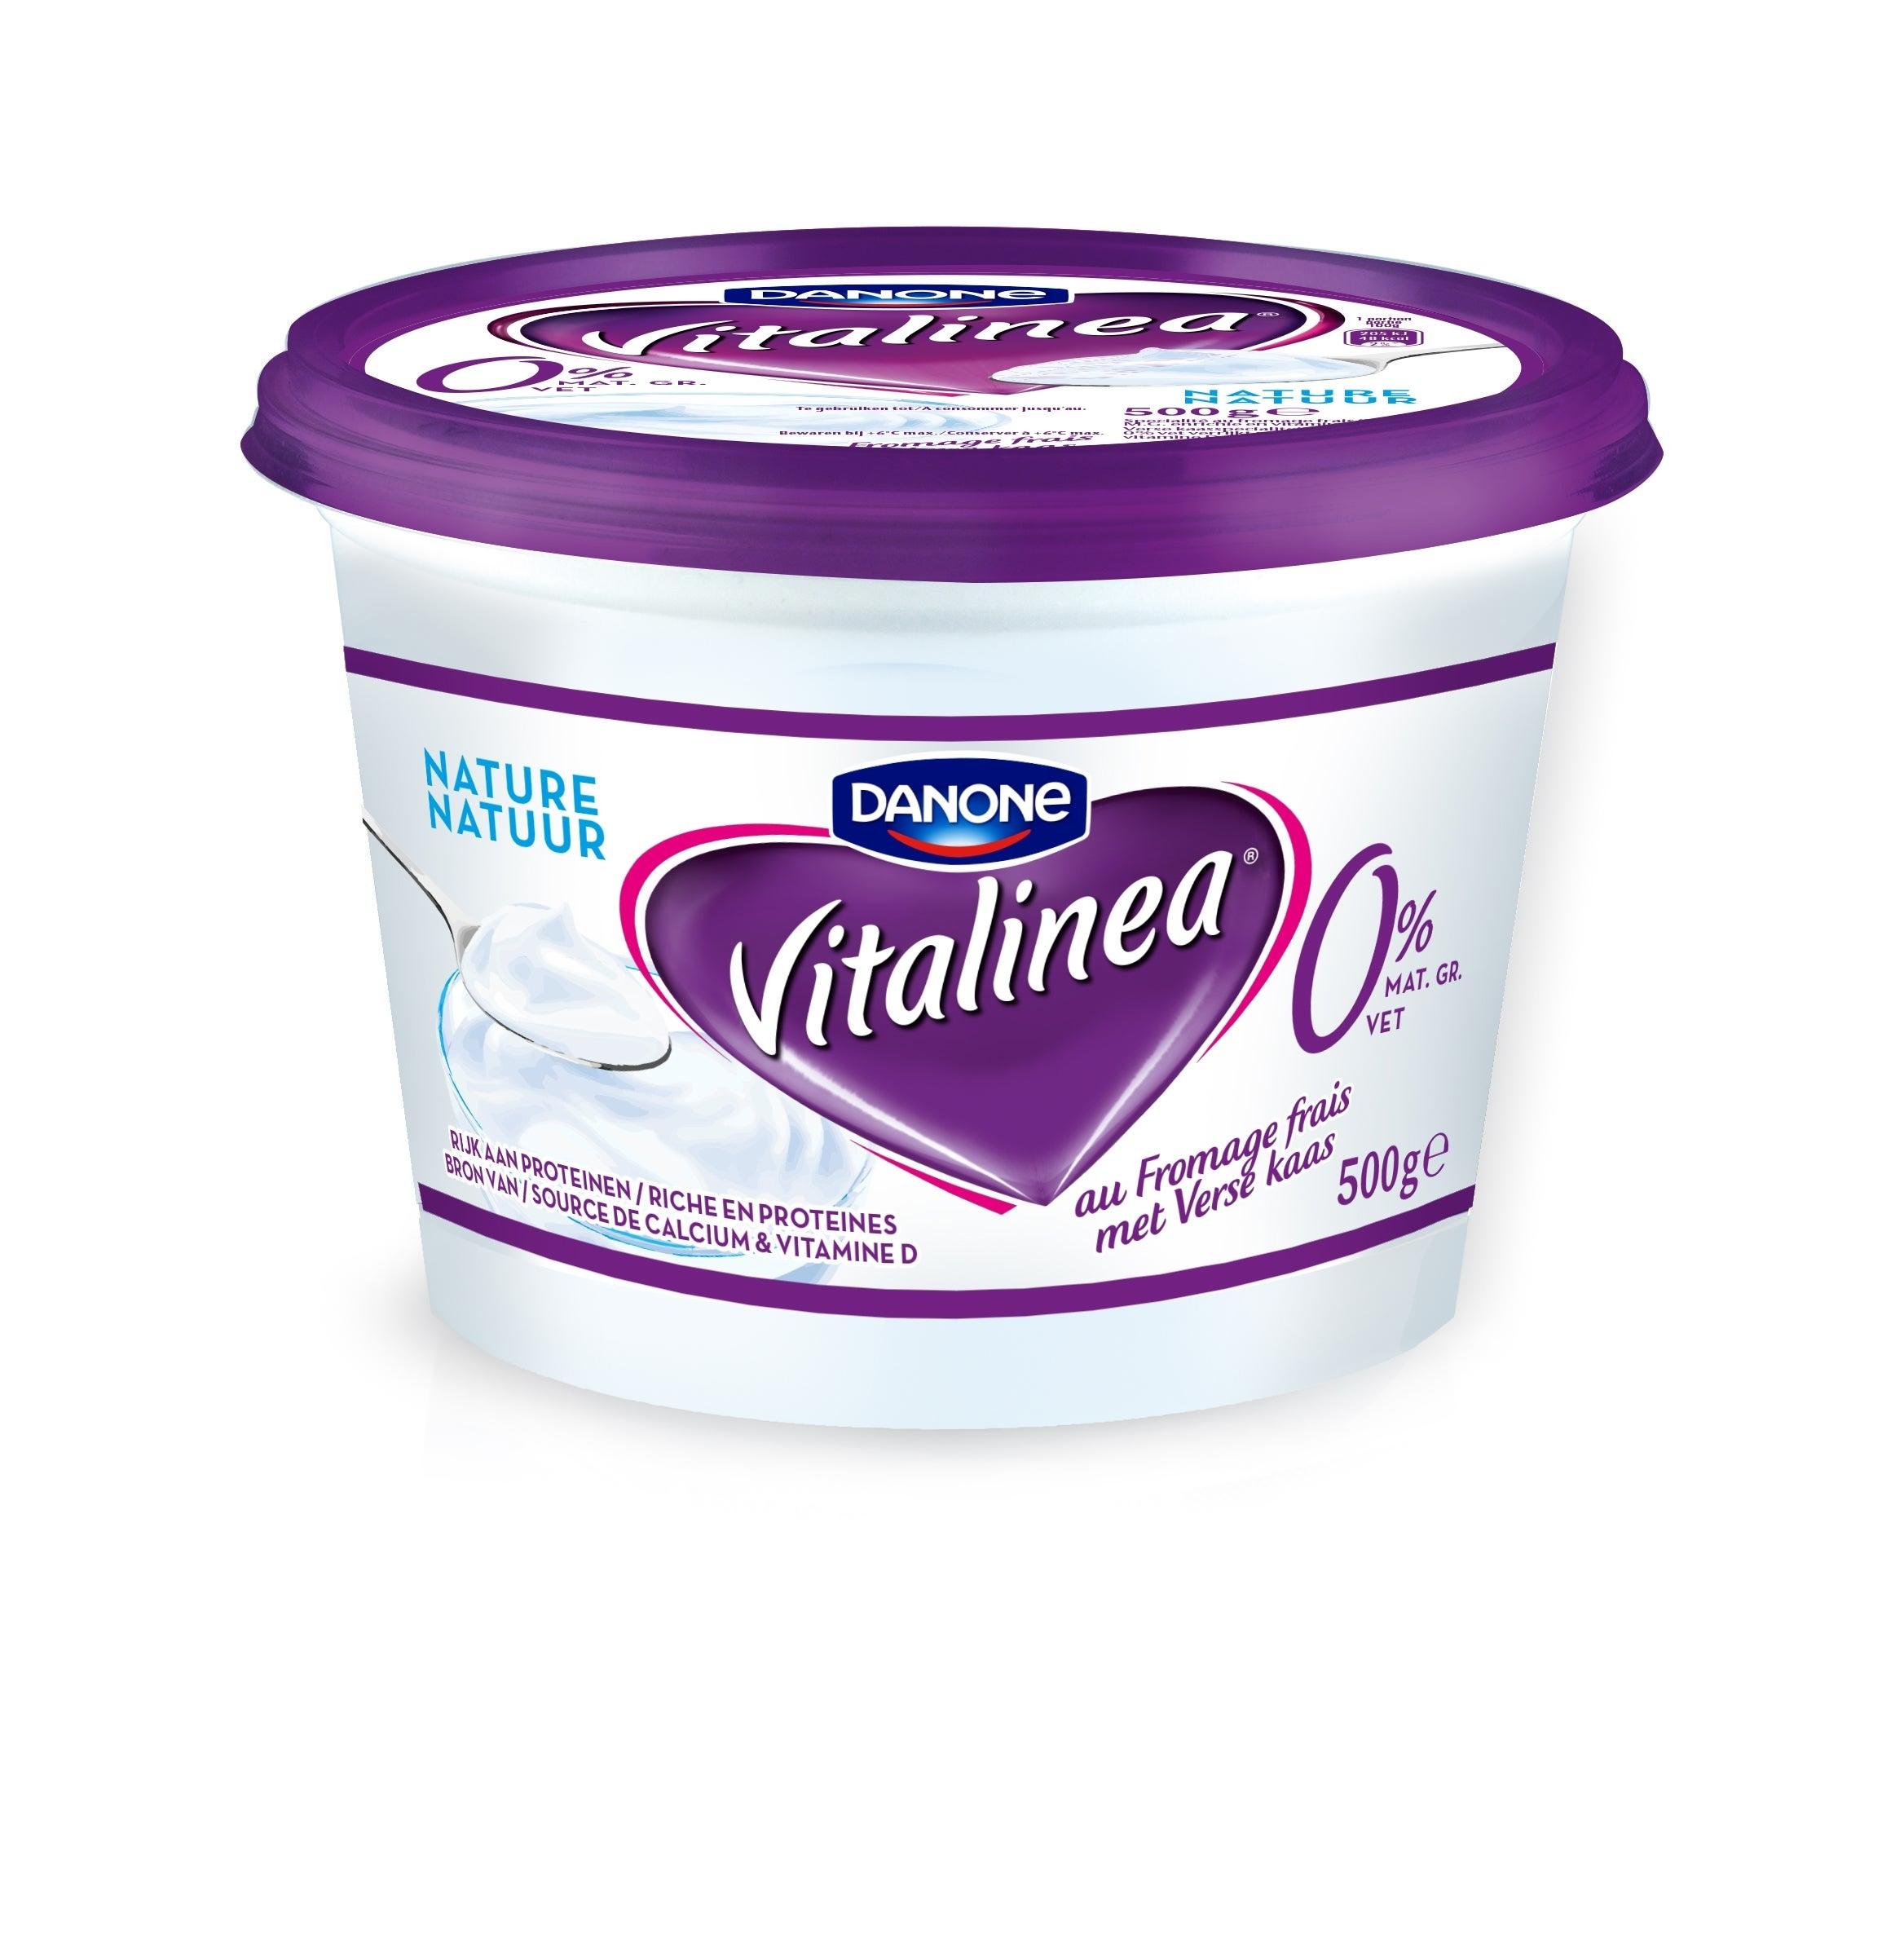 Vitalinea au Fromage Frais